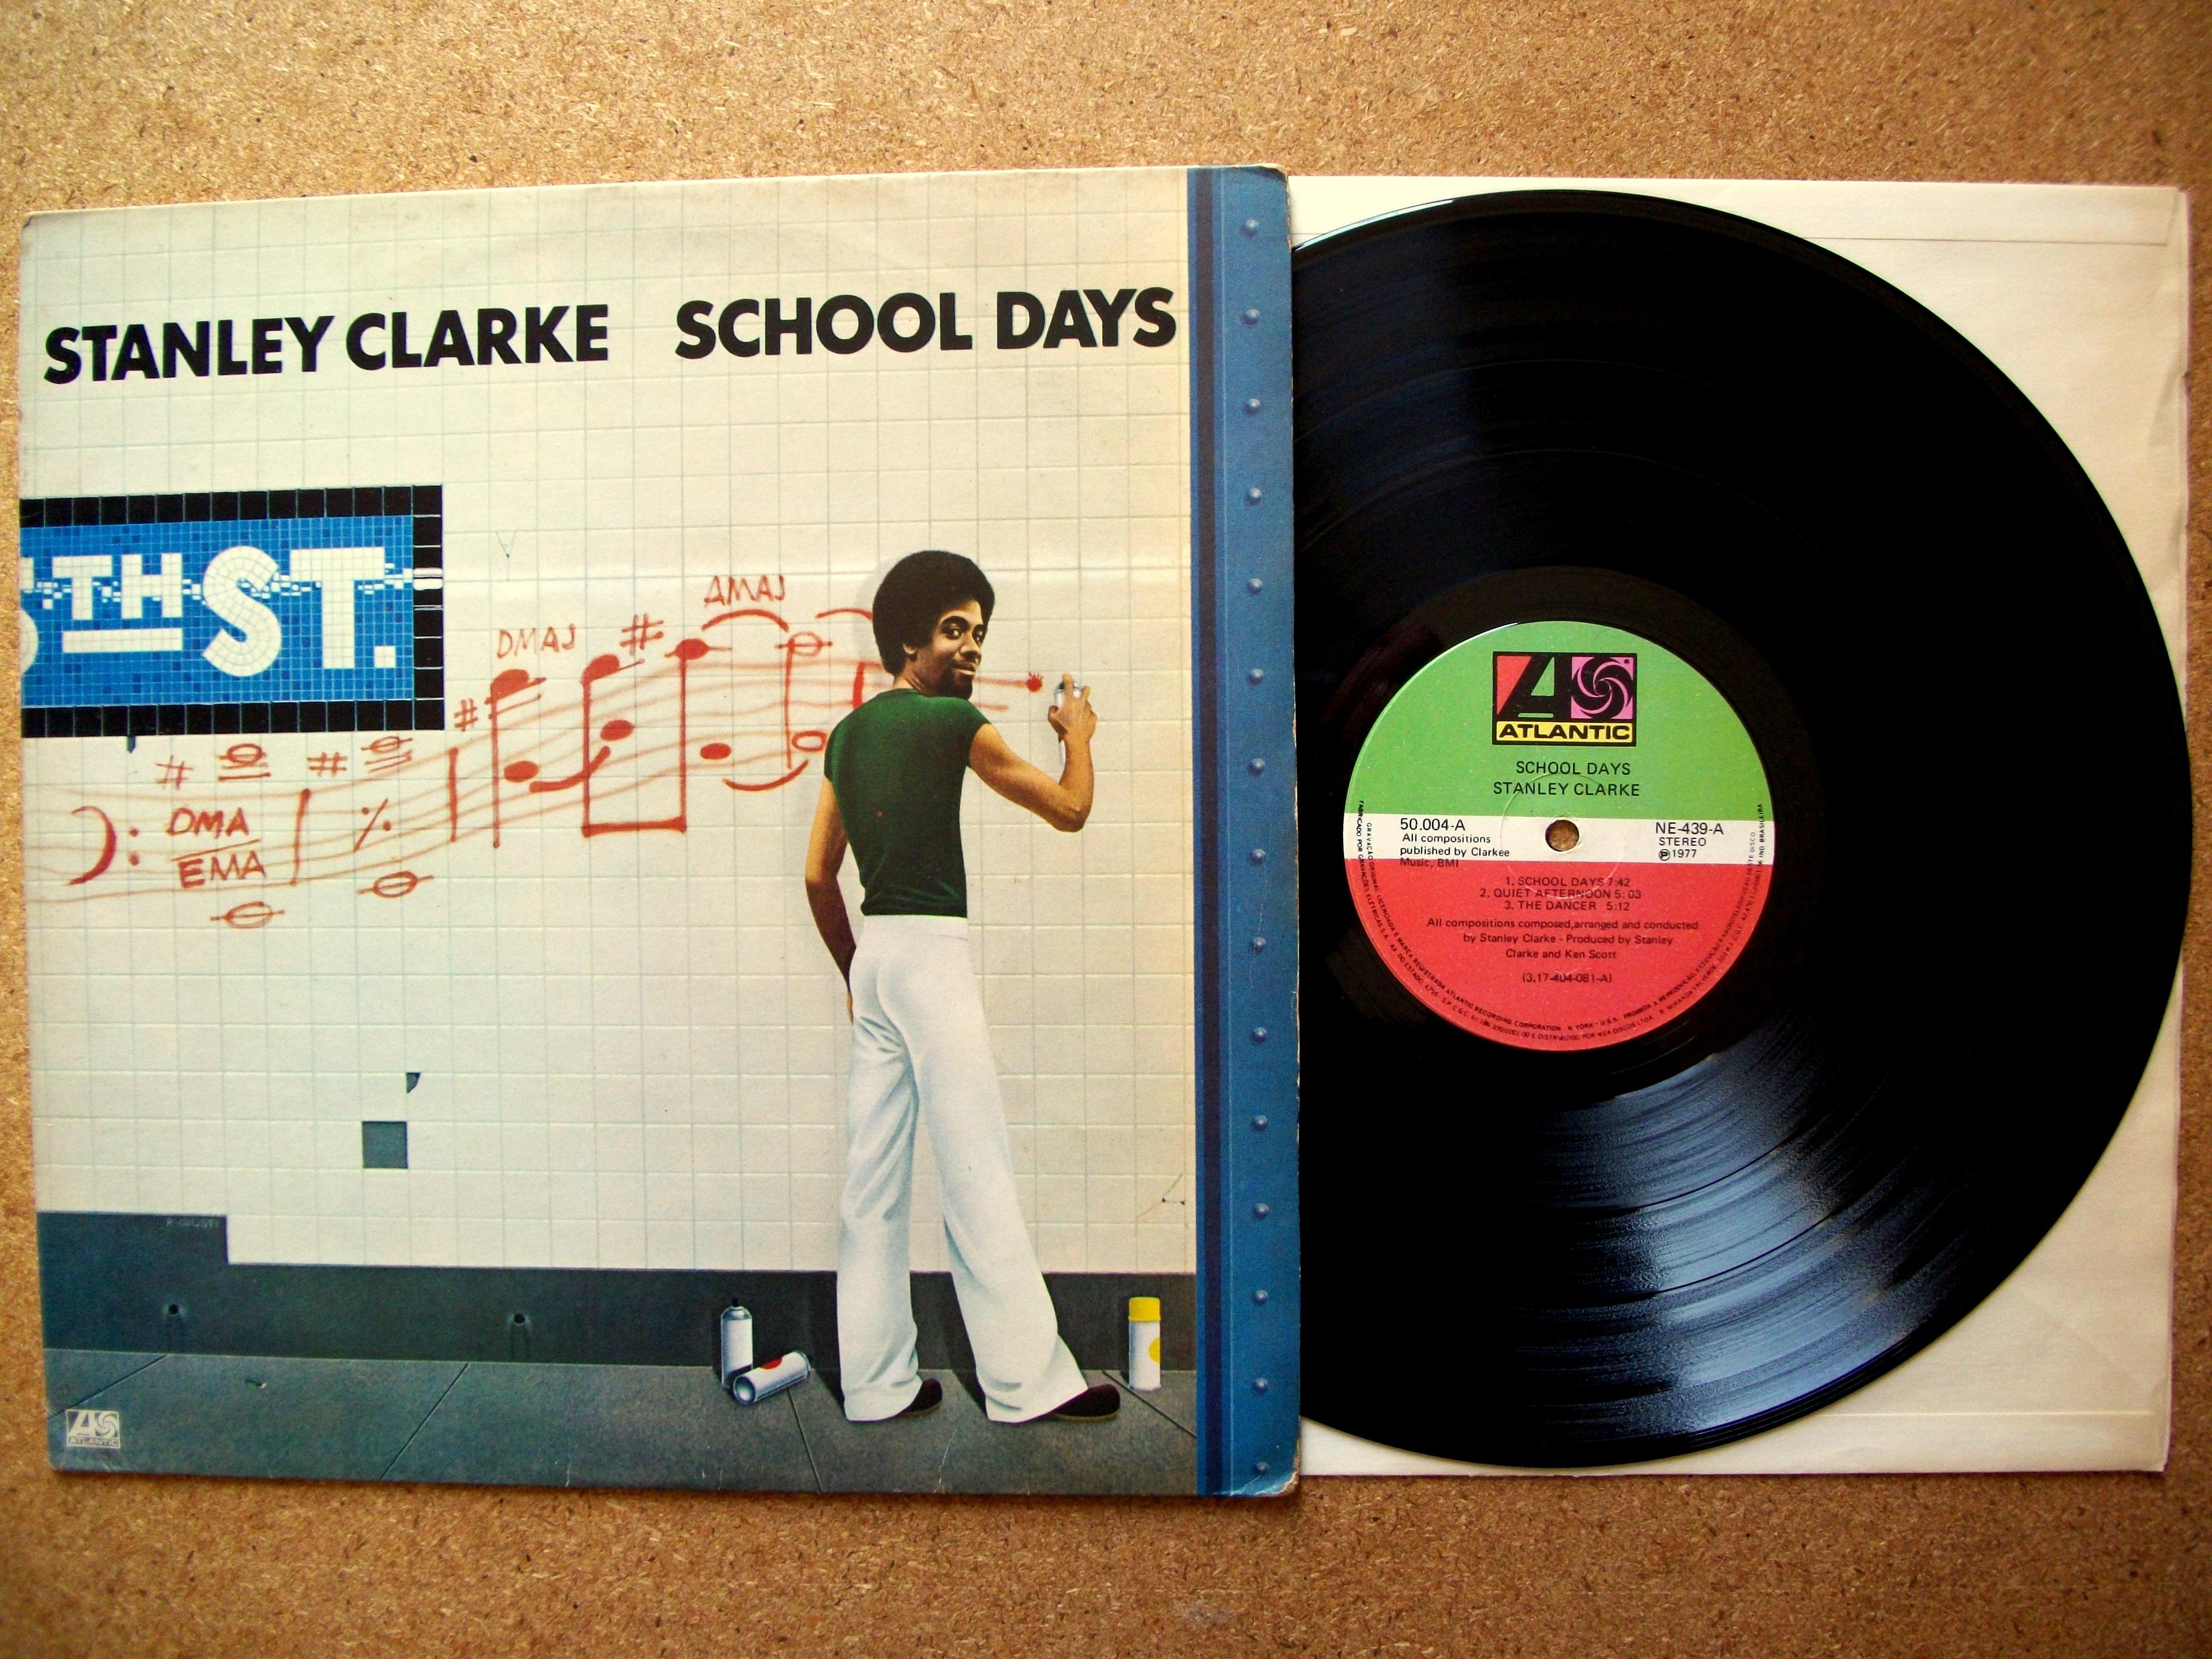 Stanley Clarke School Days LP